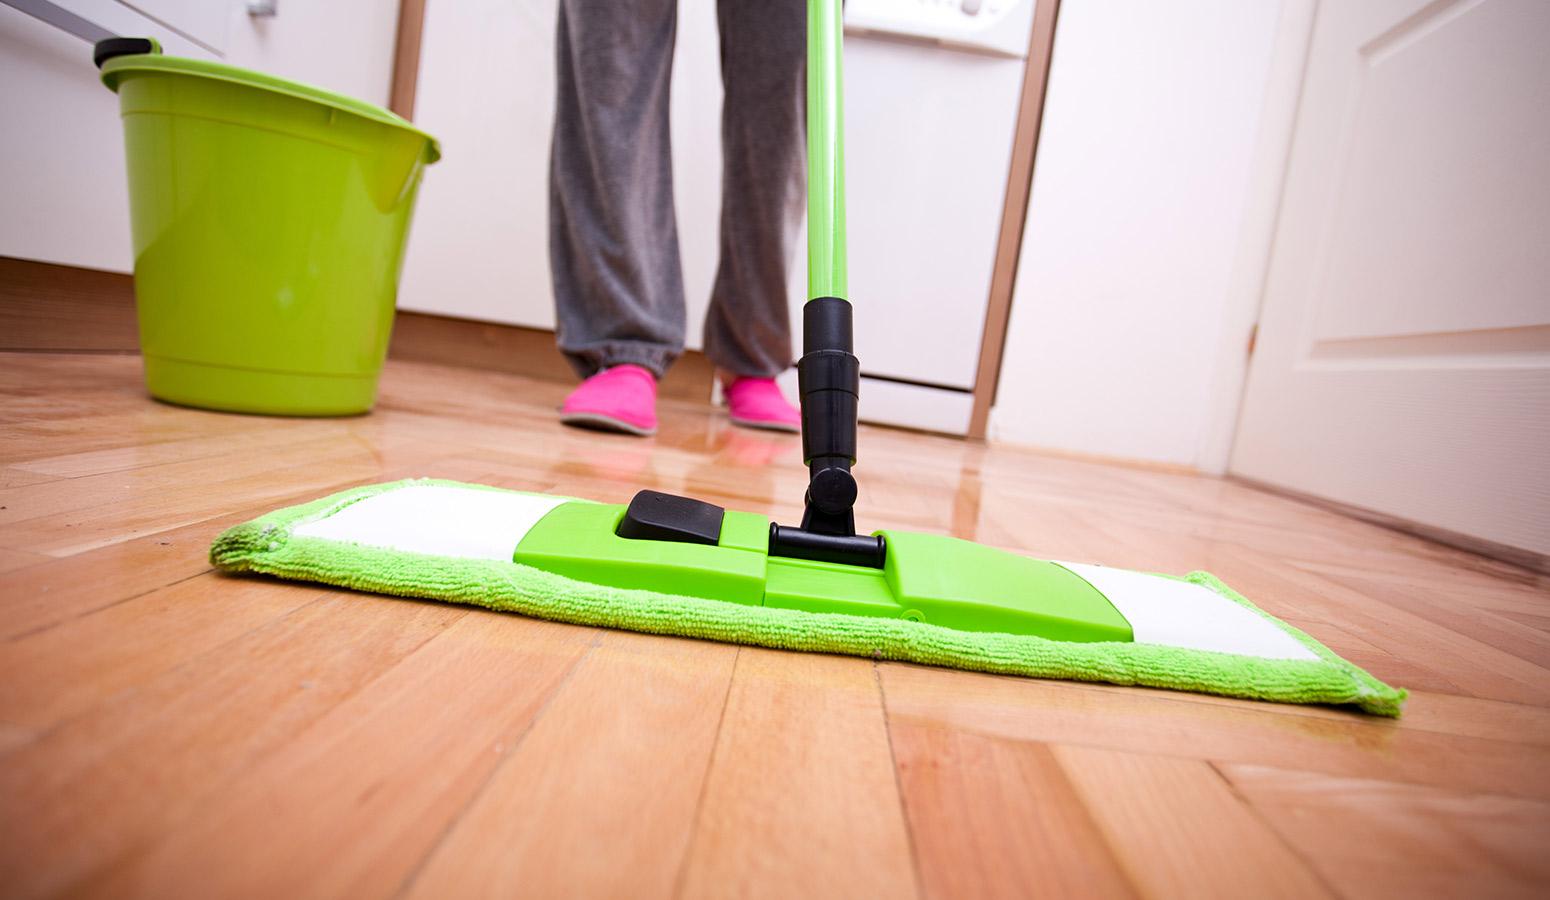 صور تنظيف منازل , احدث الطرق لنظافة المنزل